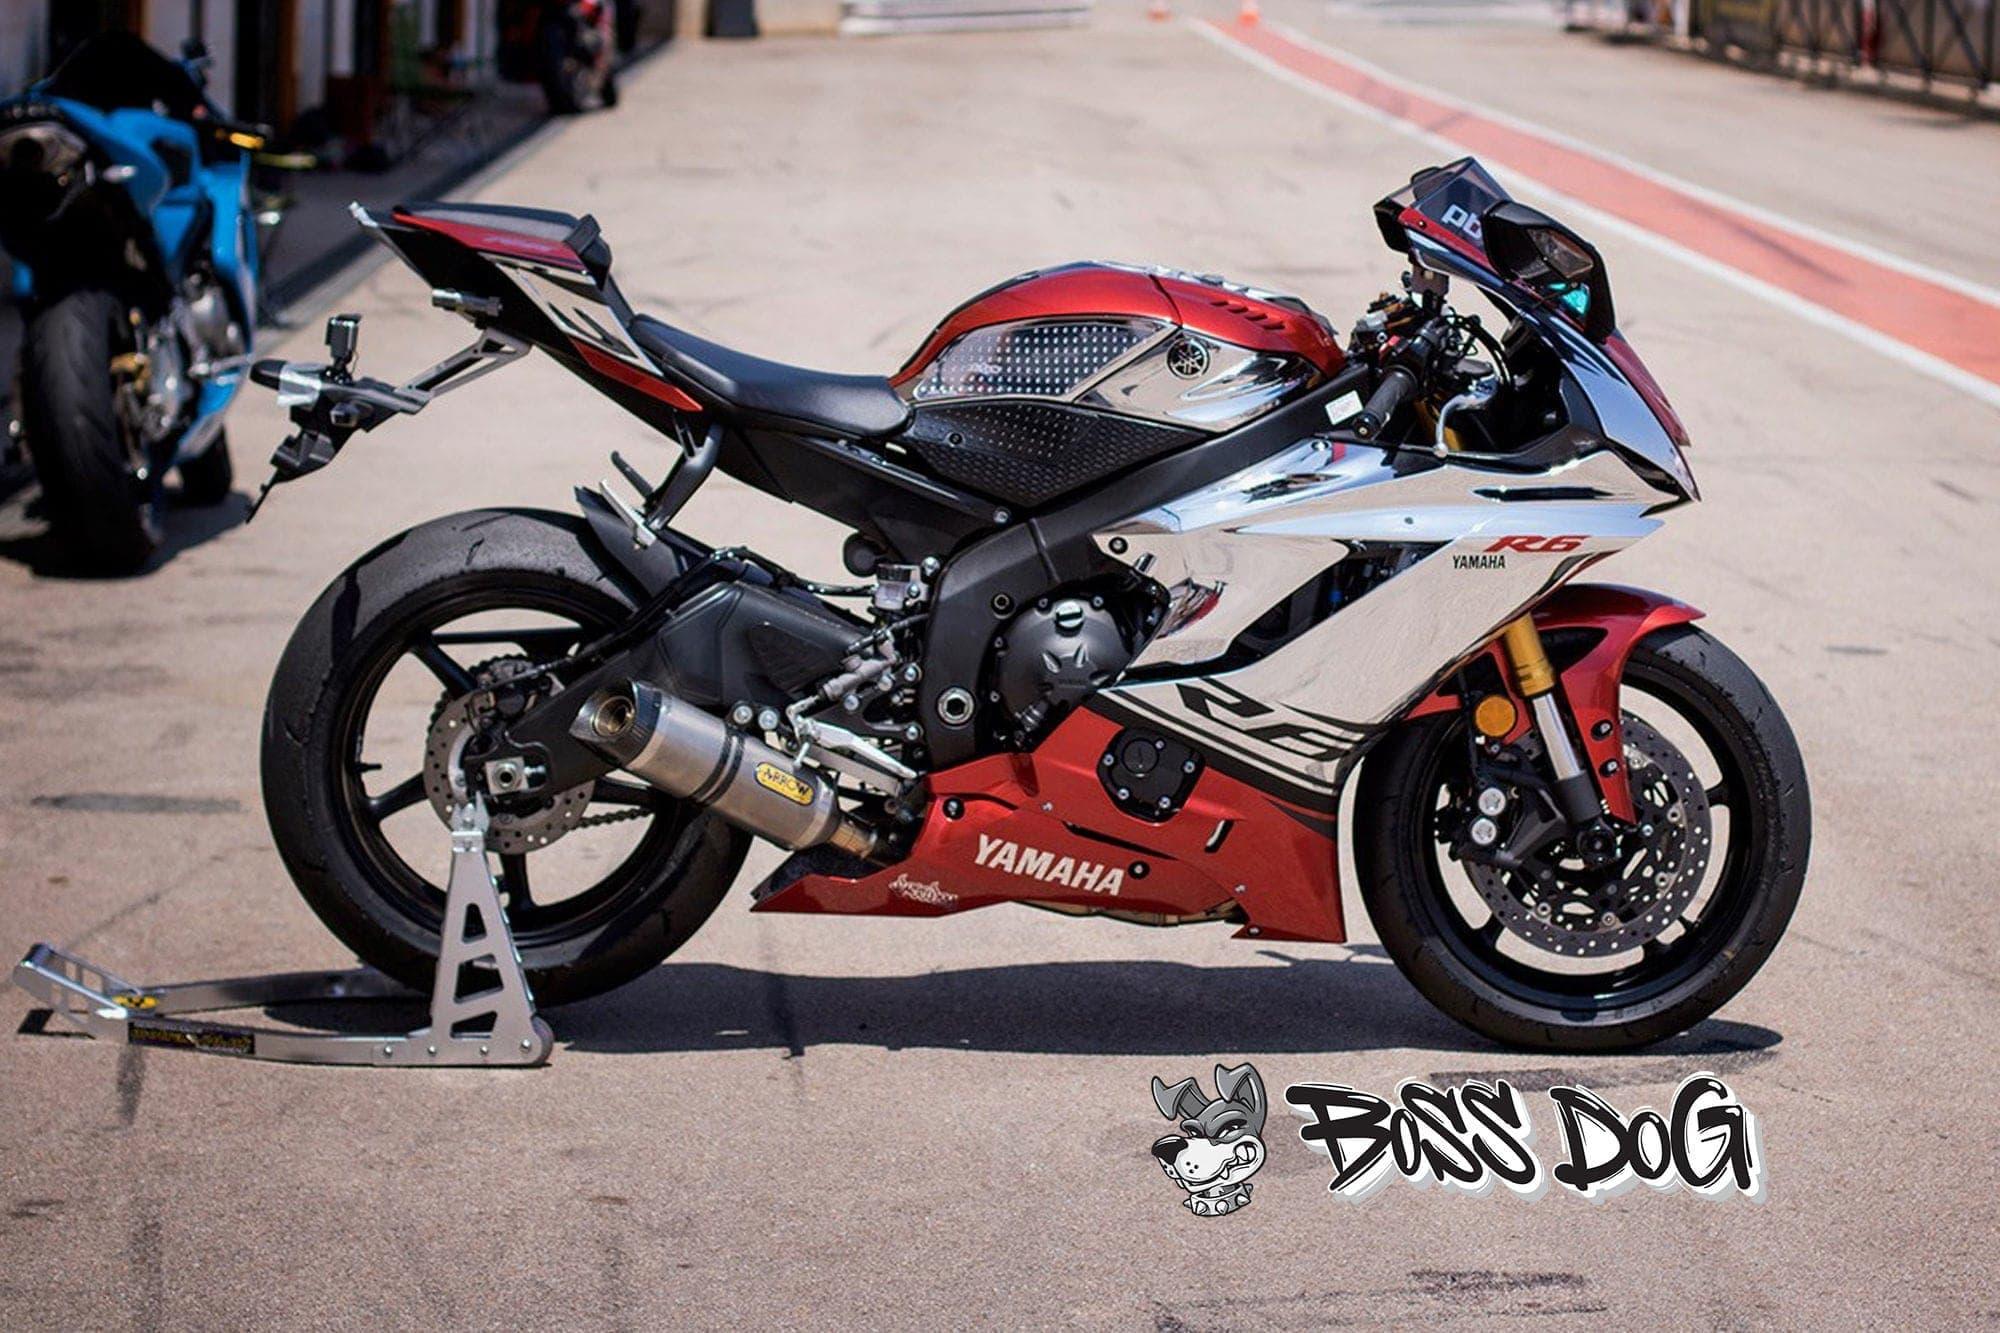 yamaha R1 chrome bike wrap